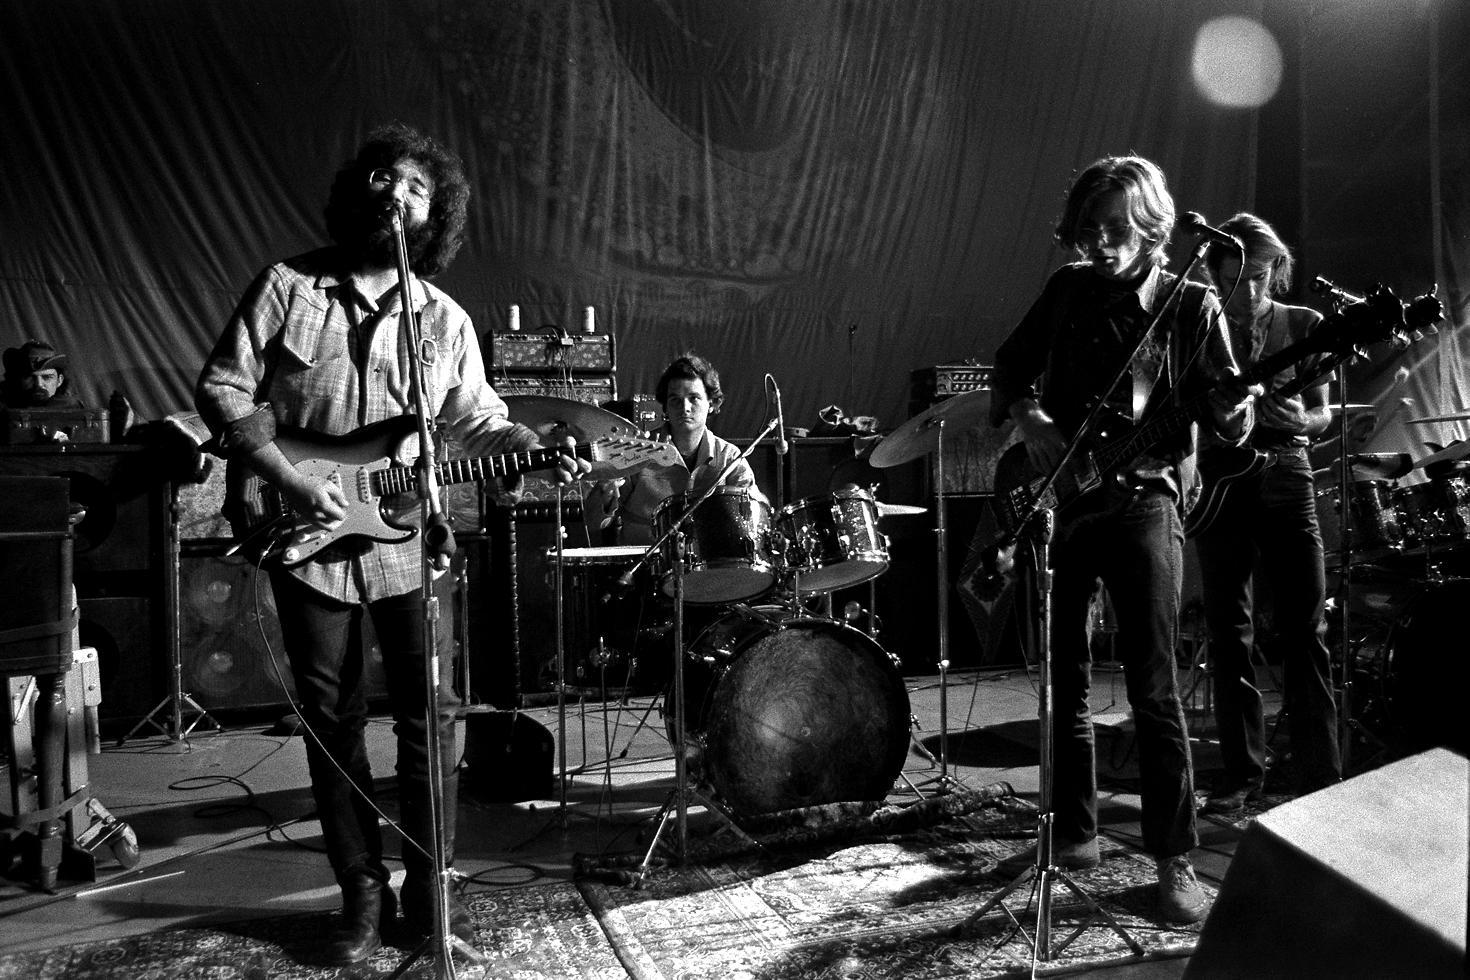 // Photo: Robert Altman | The Grateful Dead, San Francisco, CA, 1970